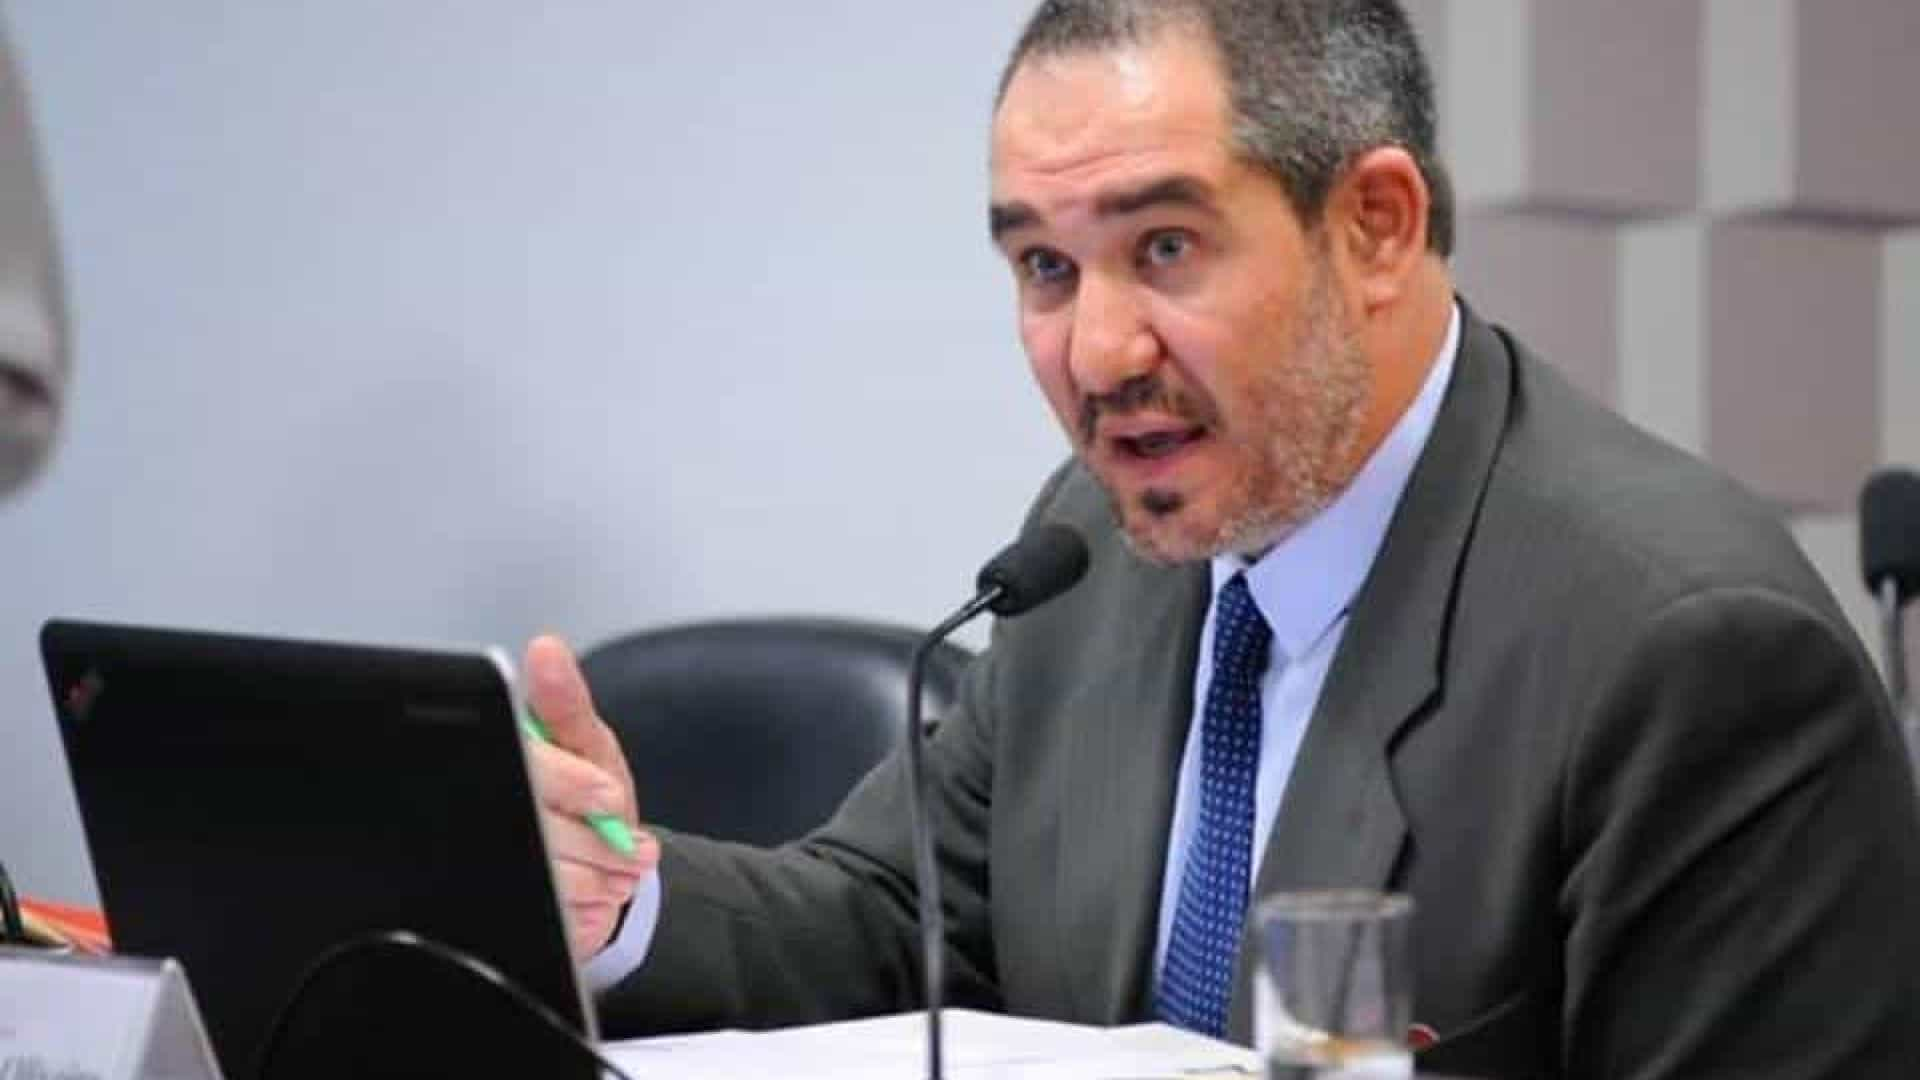 Presidente da Ancine é acusado de estelionato e falsidade ideológica